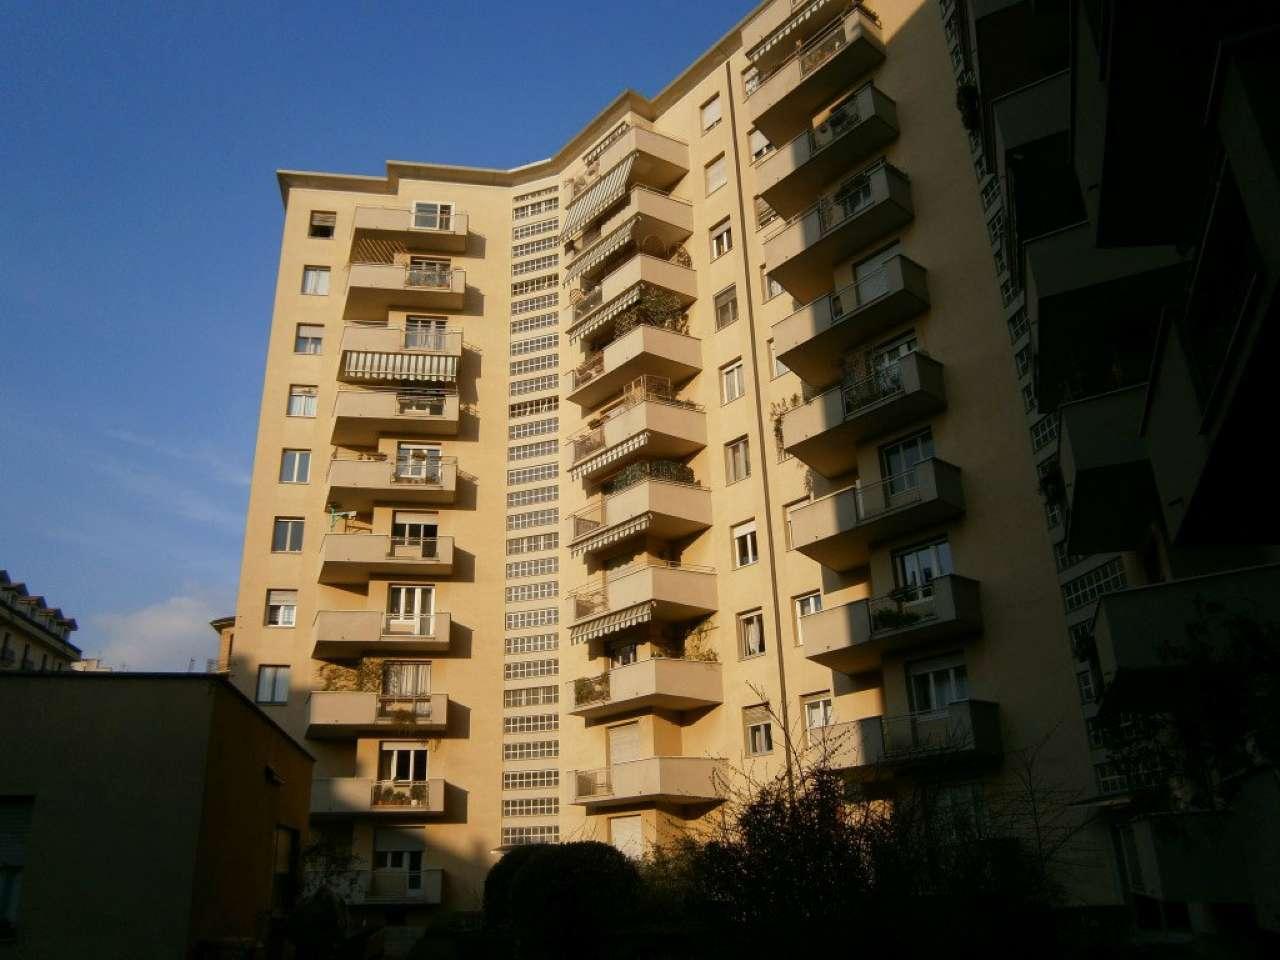 Foto 1 di Appartamento via Dante Di Nanni 29, Torino (zona Cenisia, San Paolo)